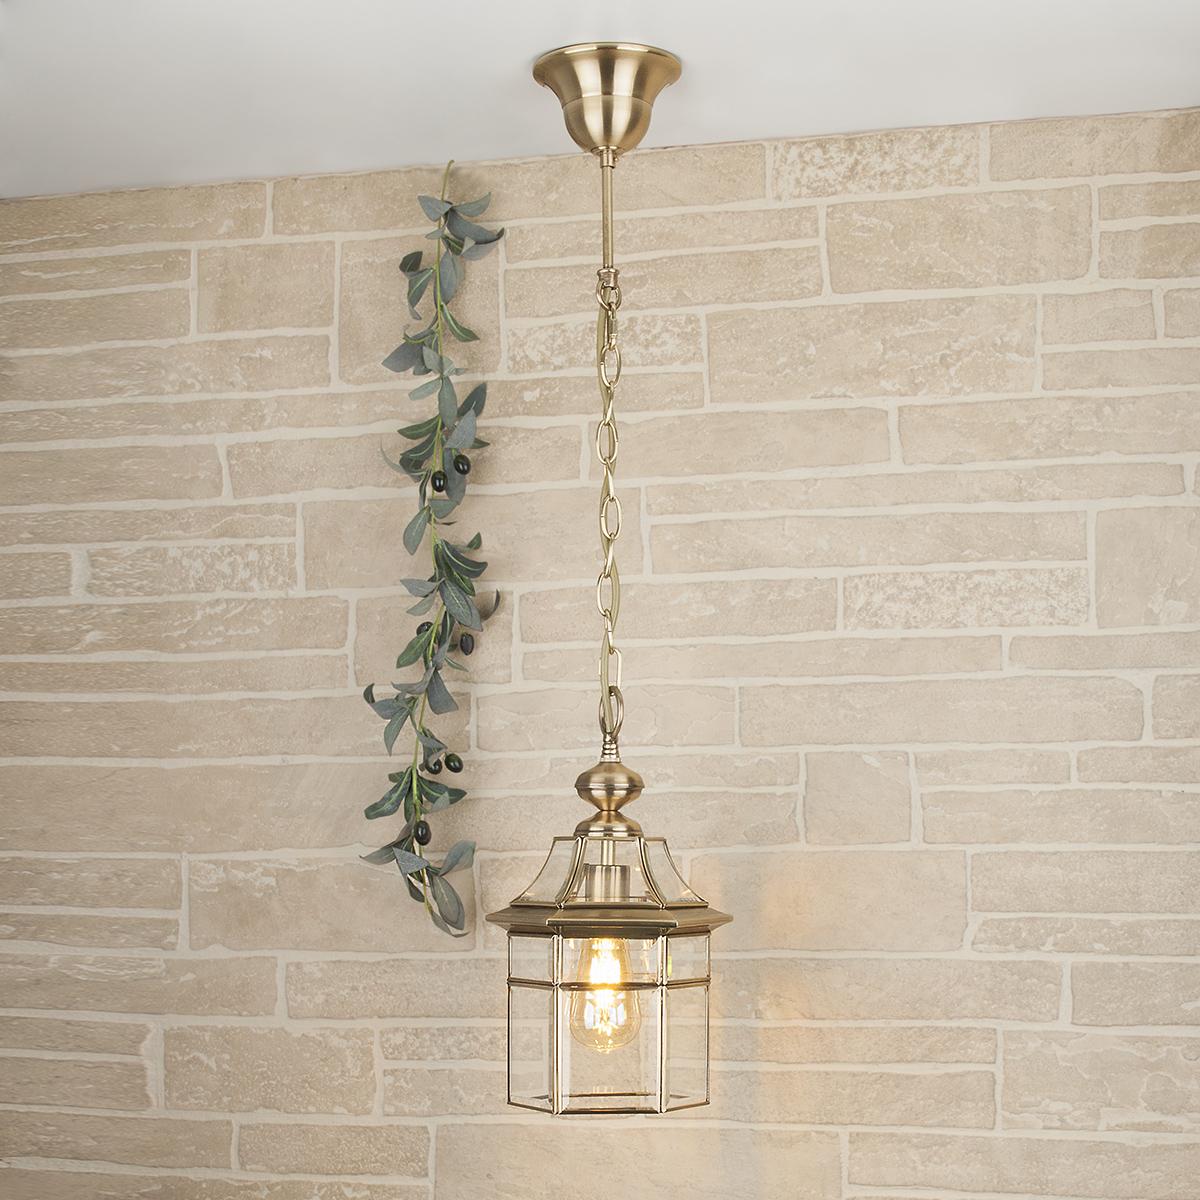 Уличный подвесной светильник Elektrostandard Savoie из металла и стекла